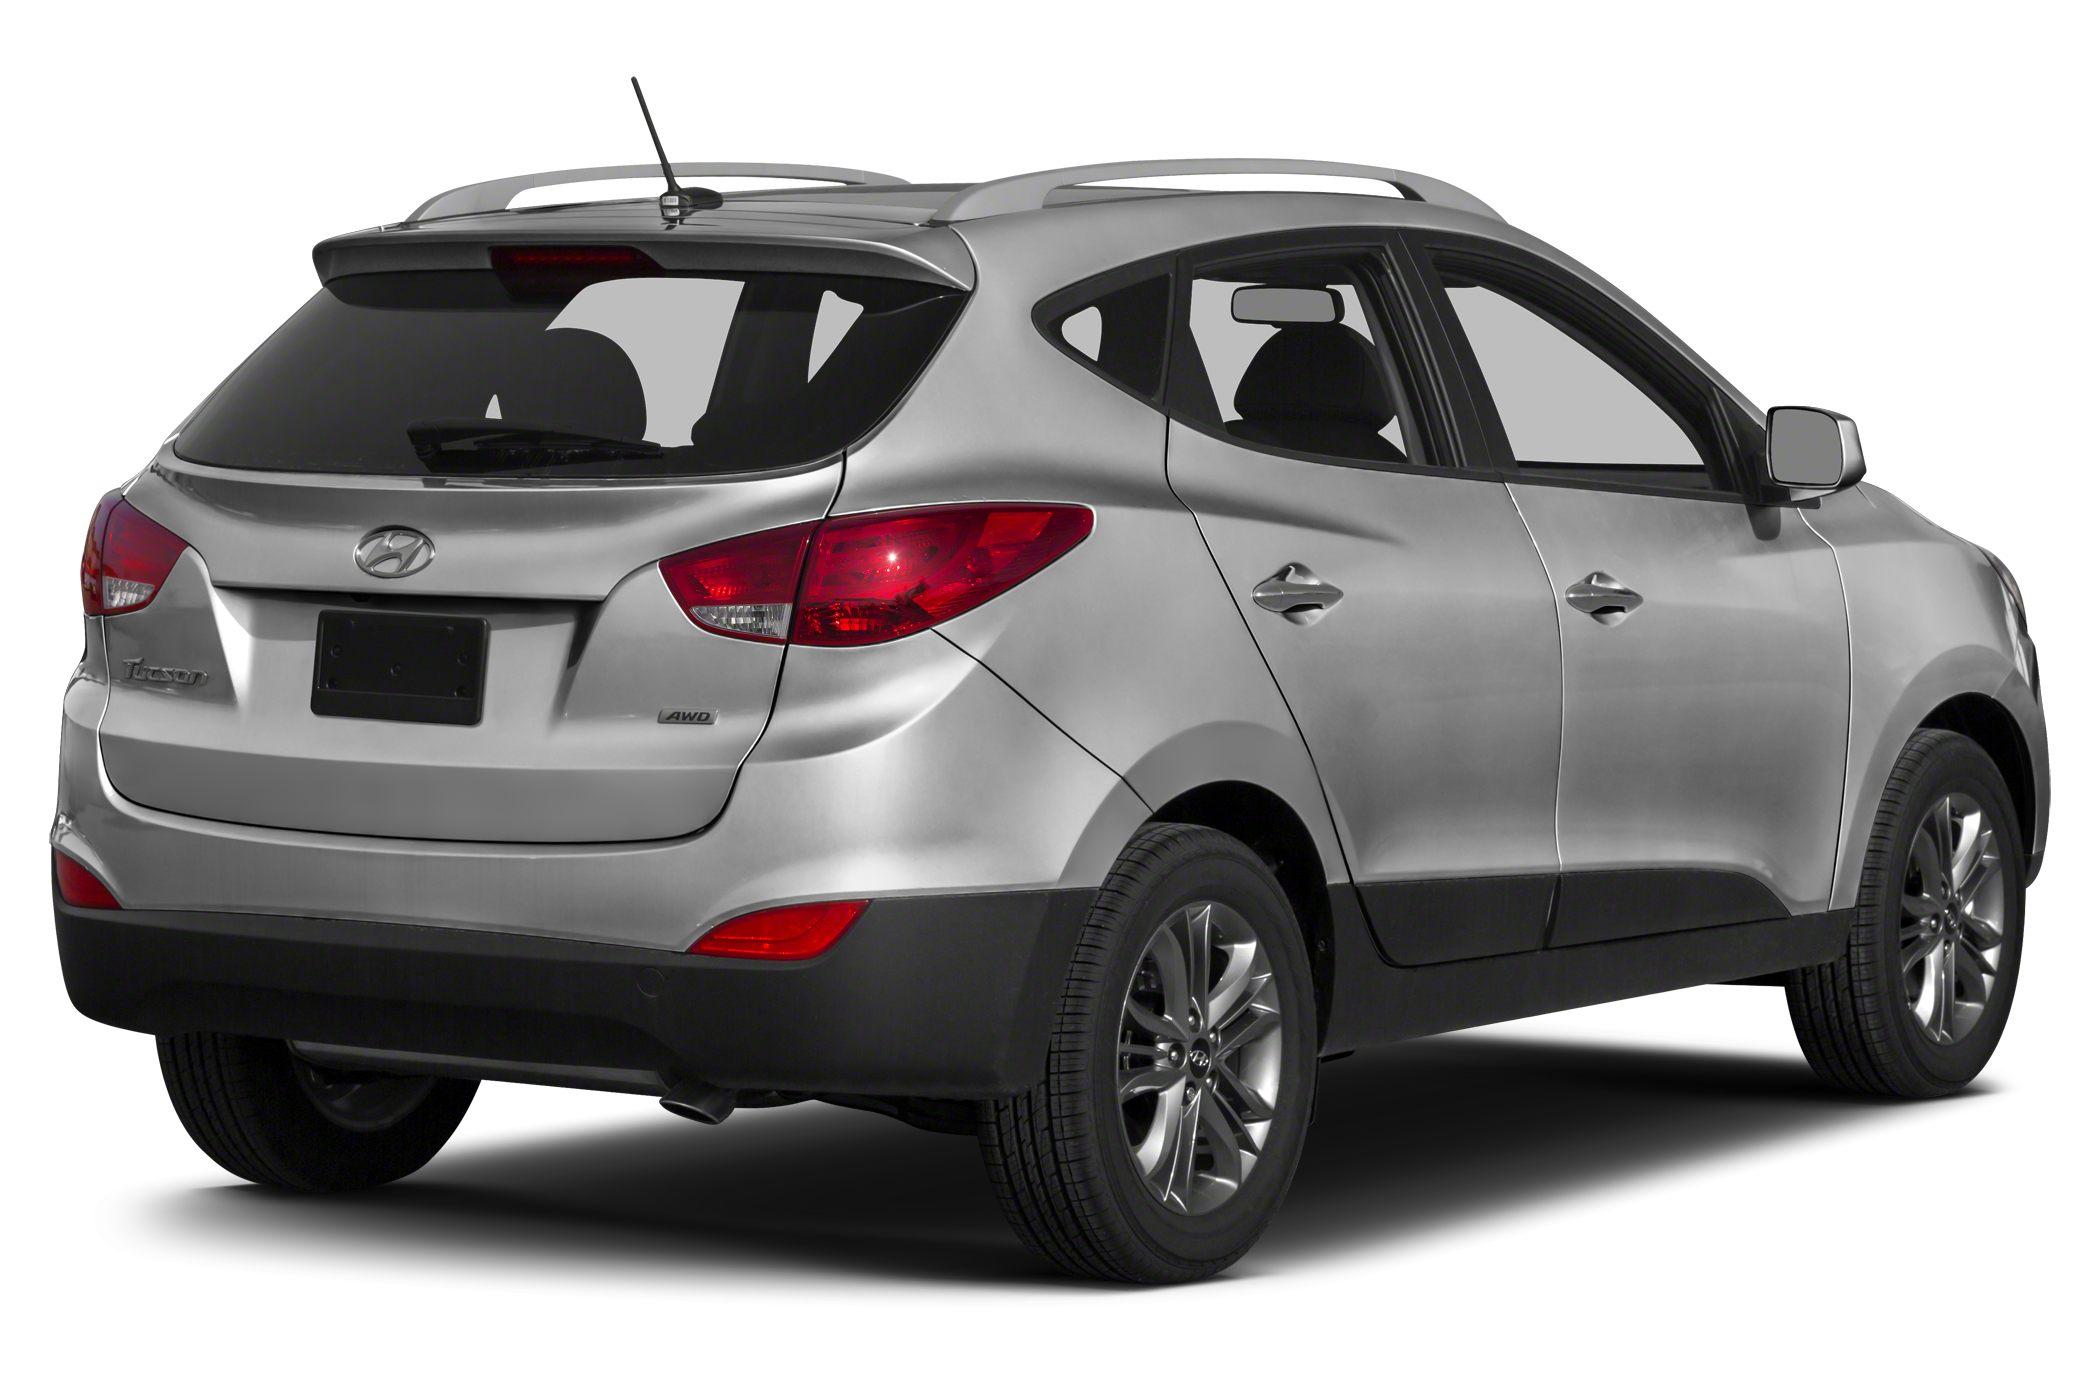 2014 Hyundai Tucson Glam2